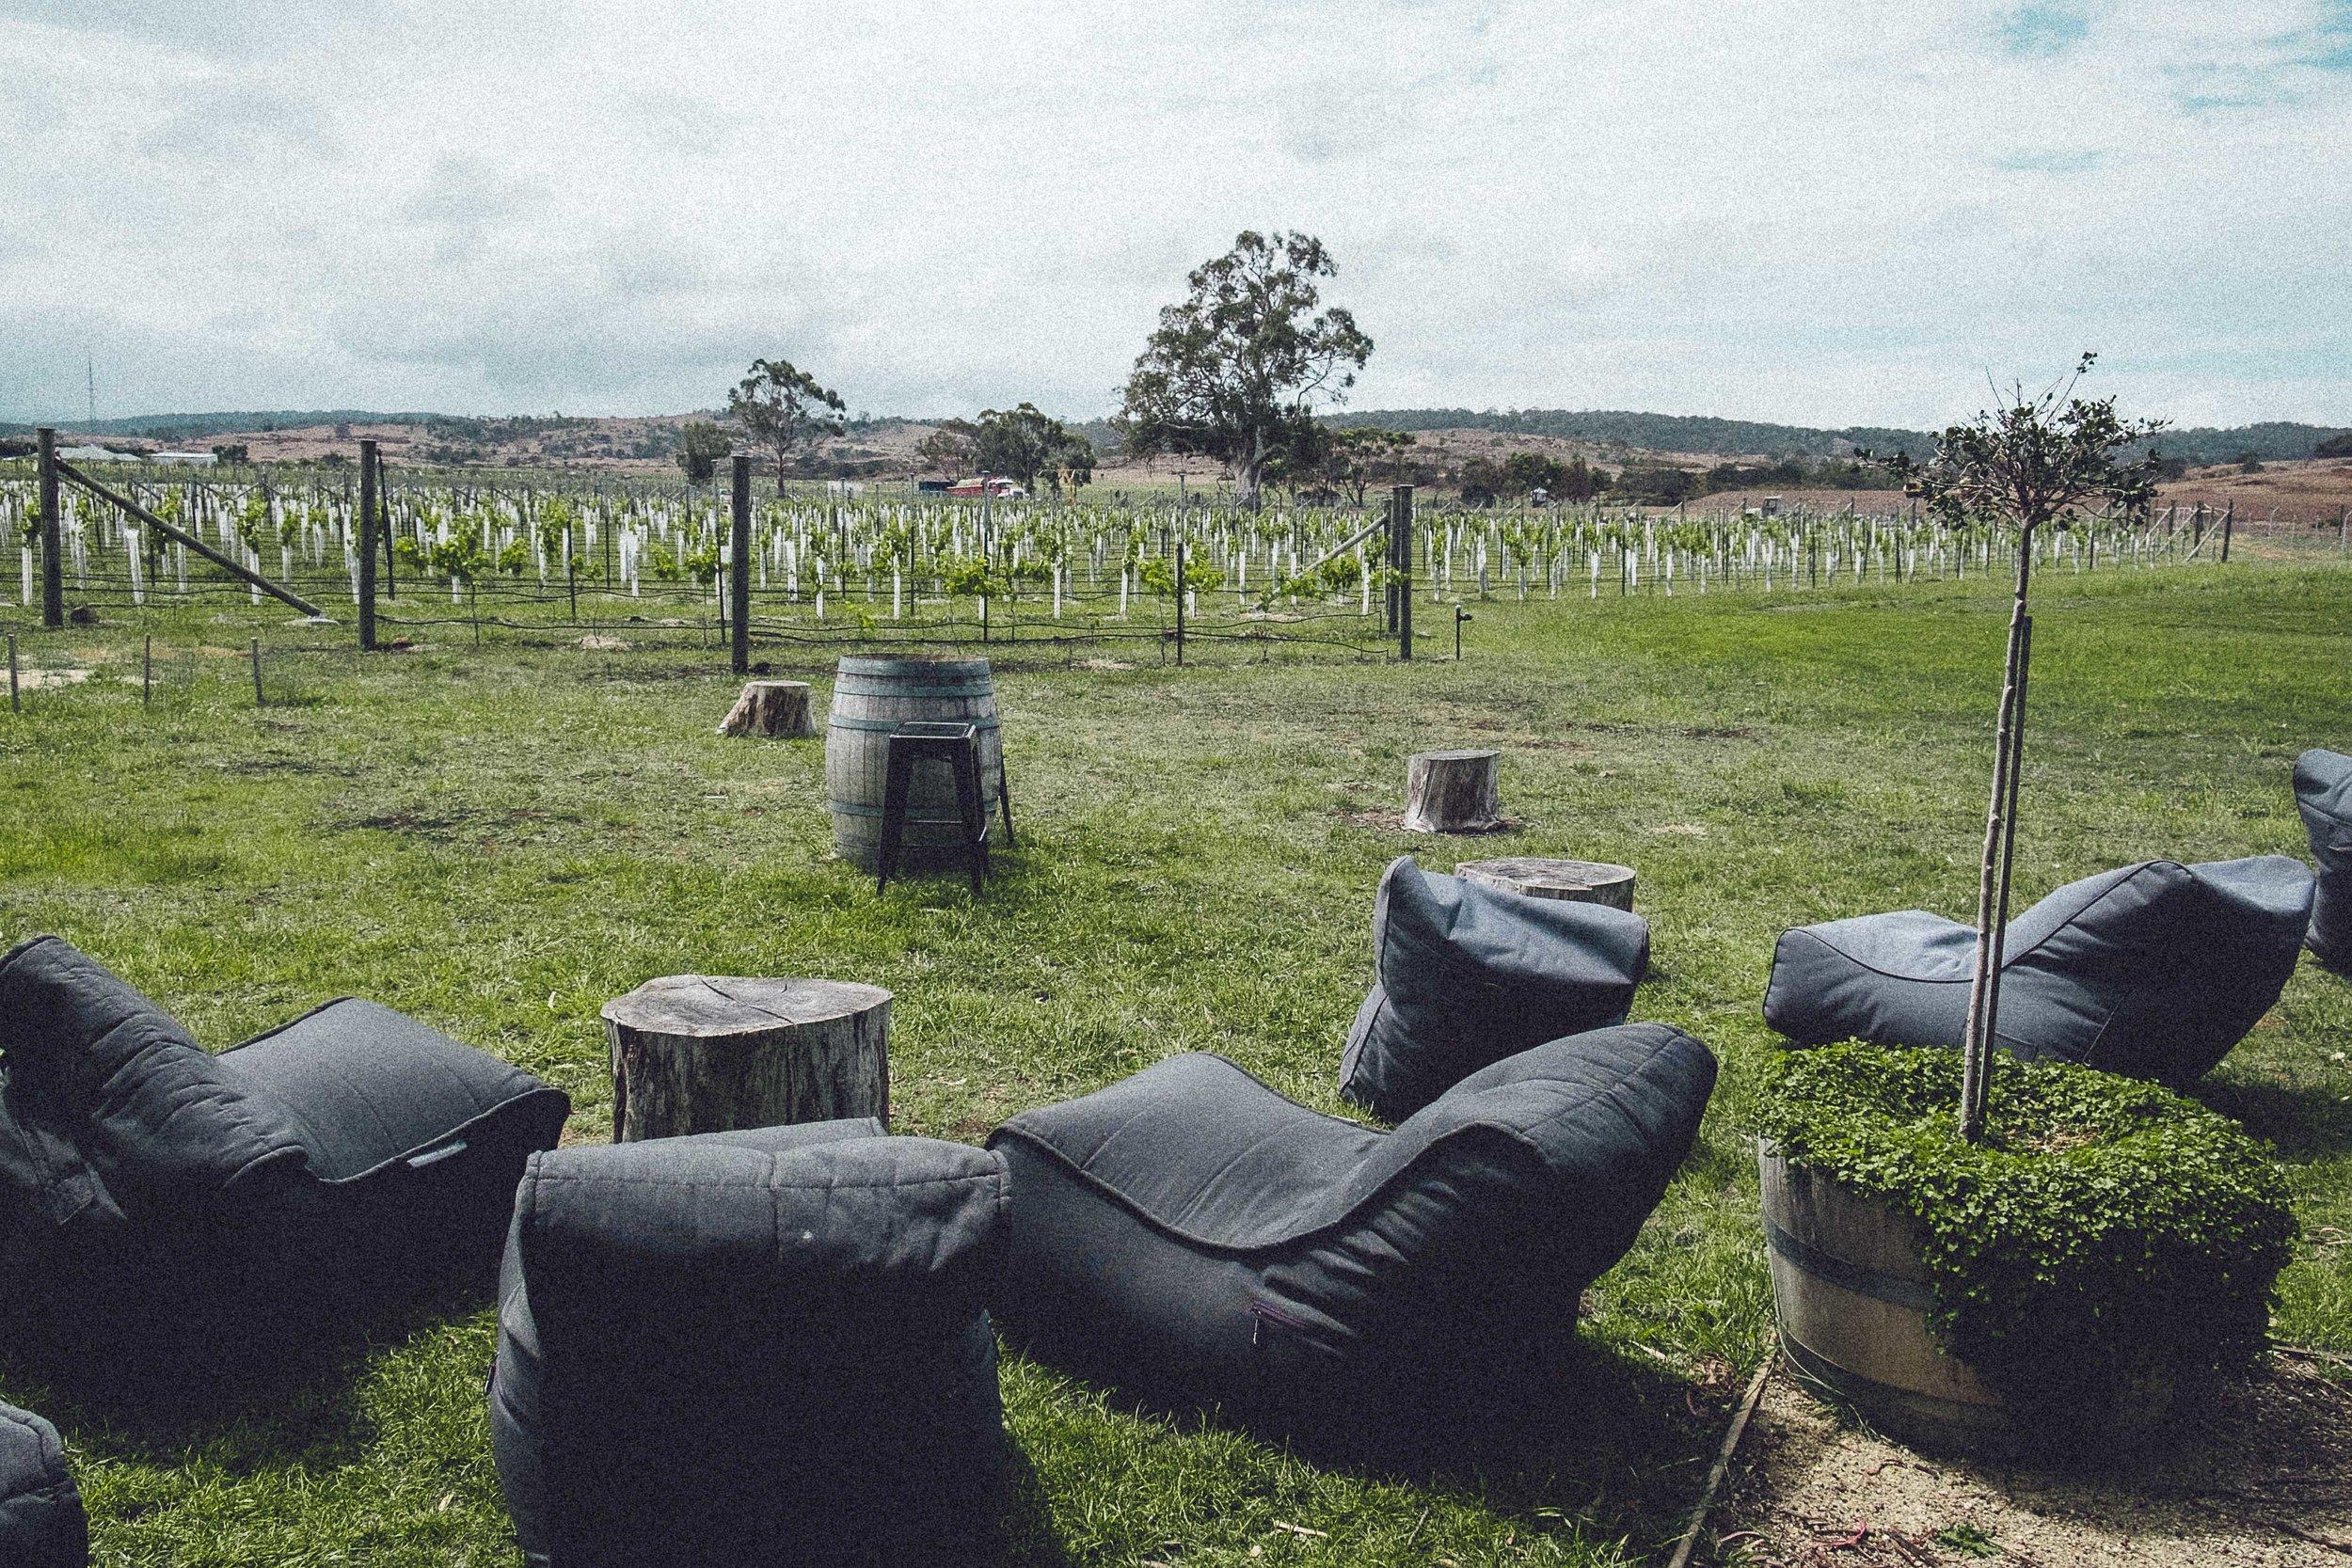 Rachel Off Duty: How to Spend 5 Days in Tasmania - Craigie Knowe